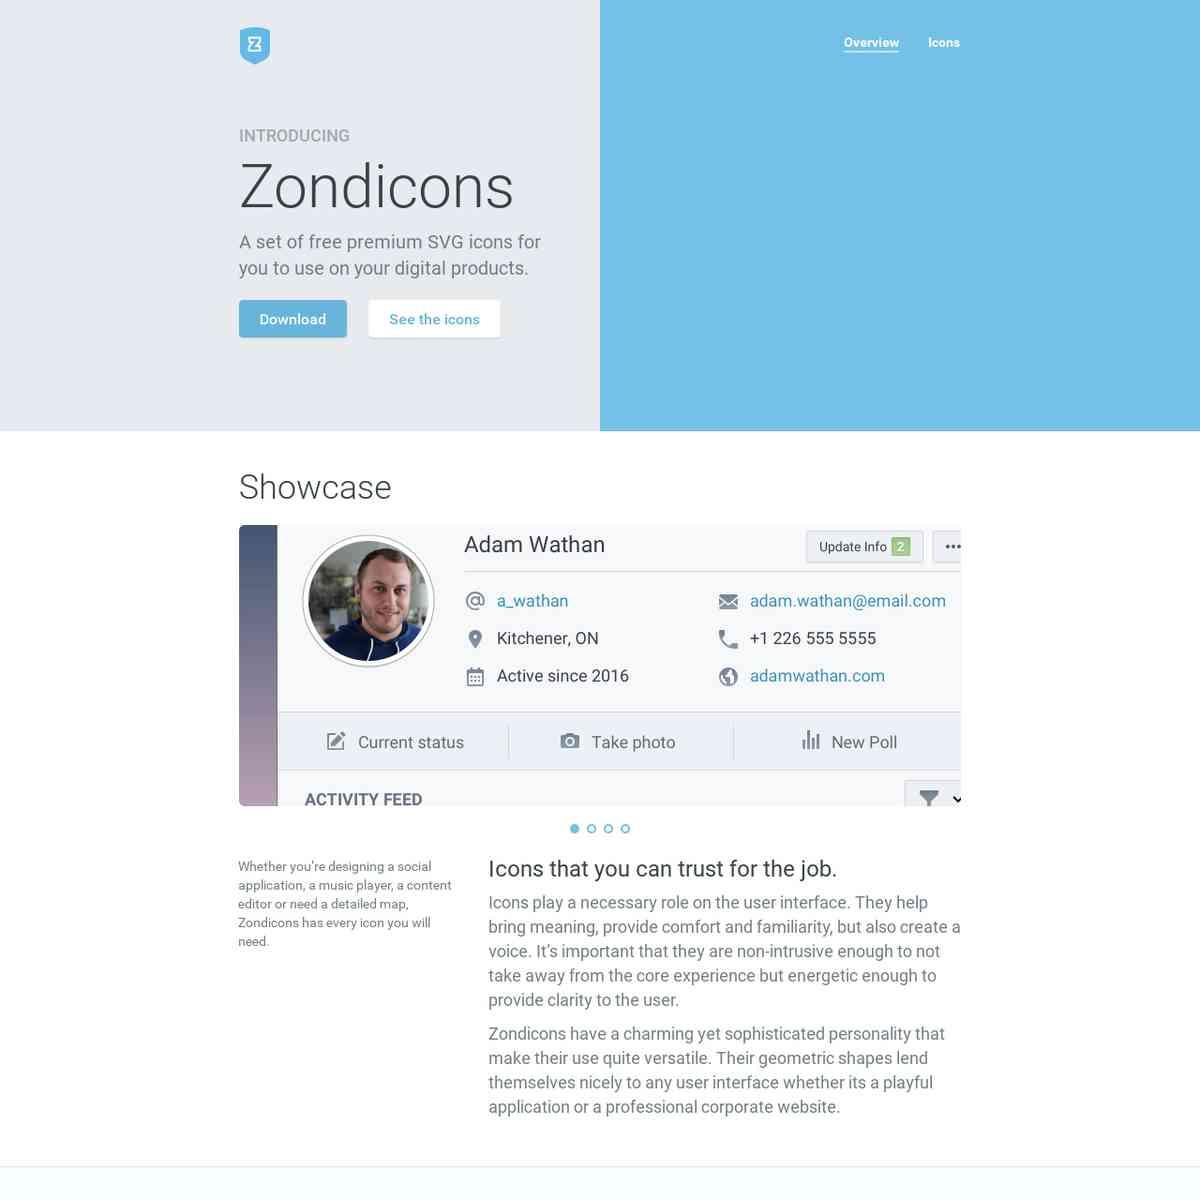 zondicons.com